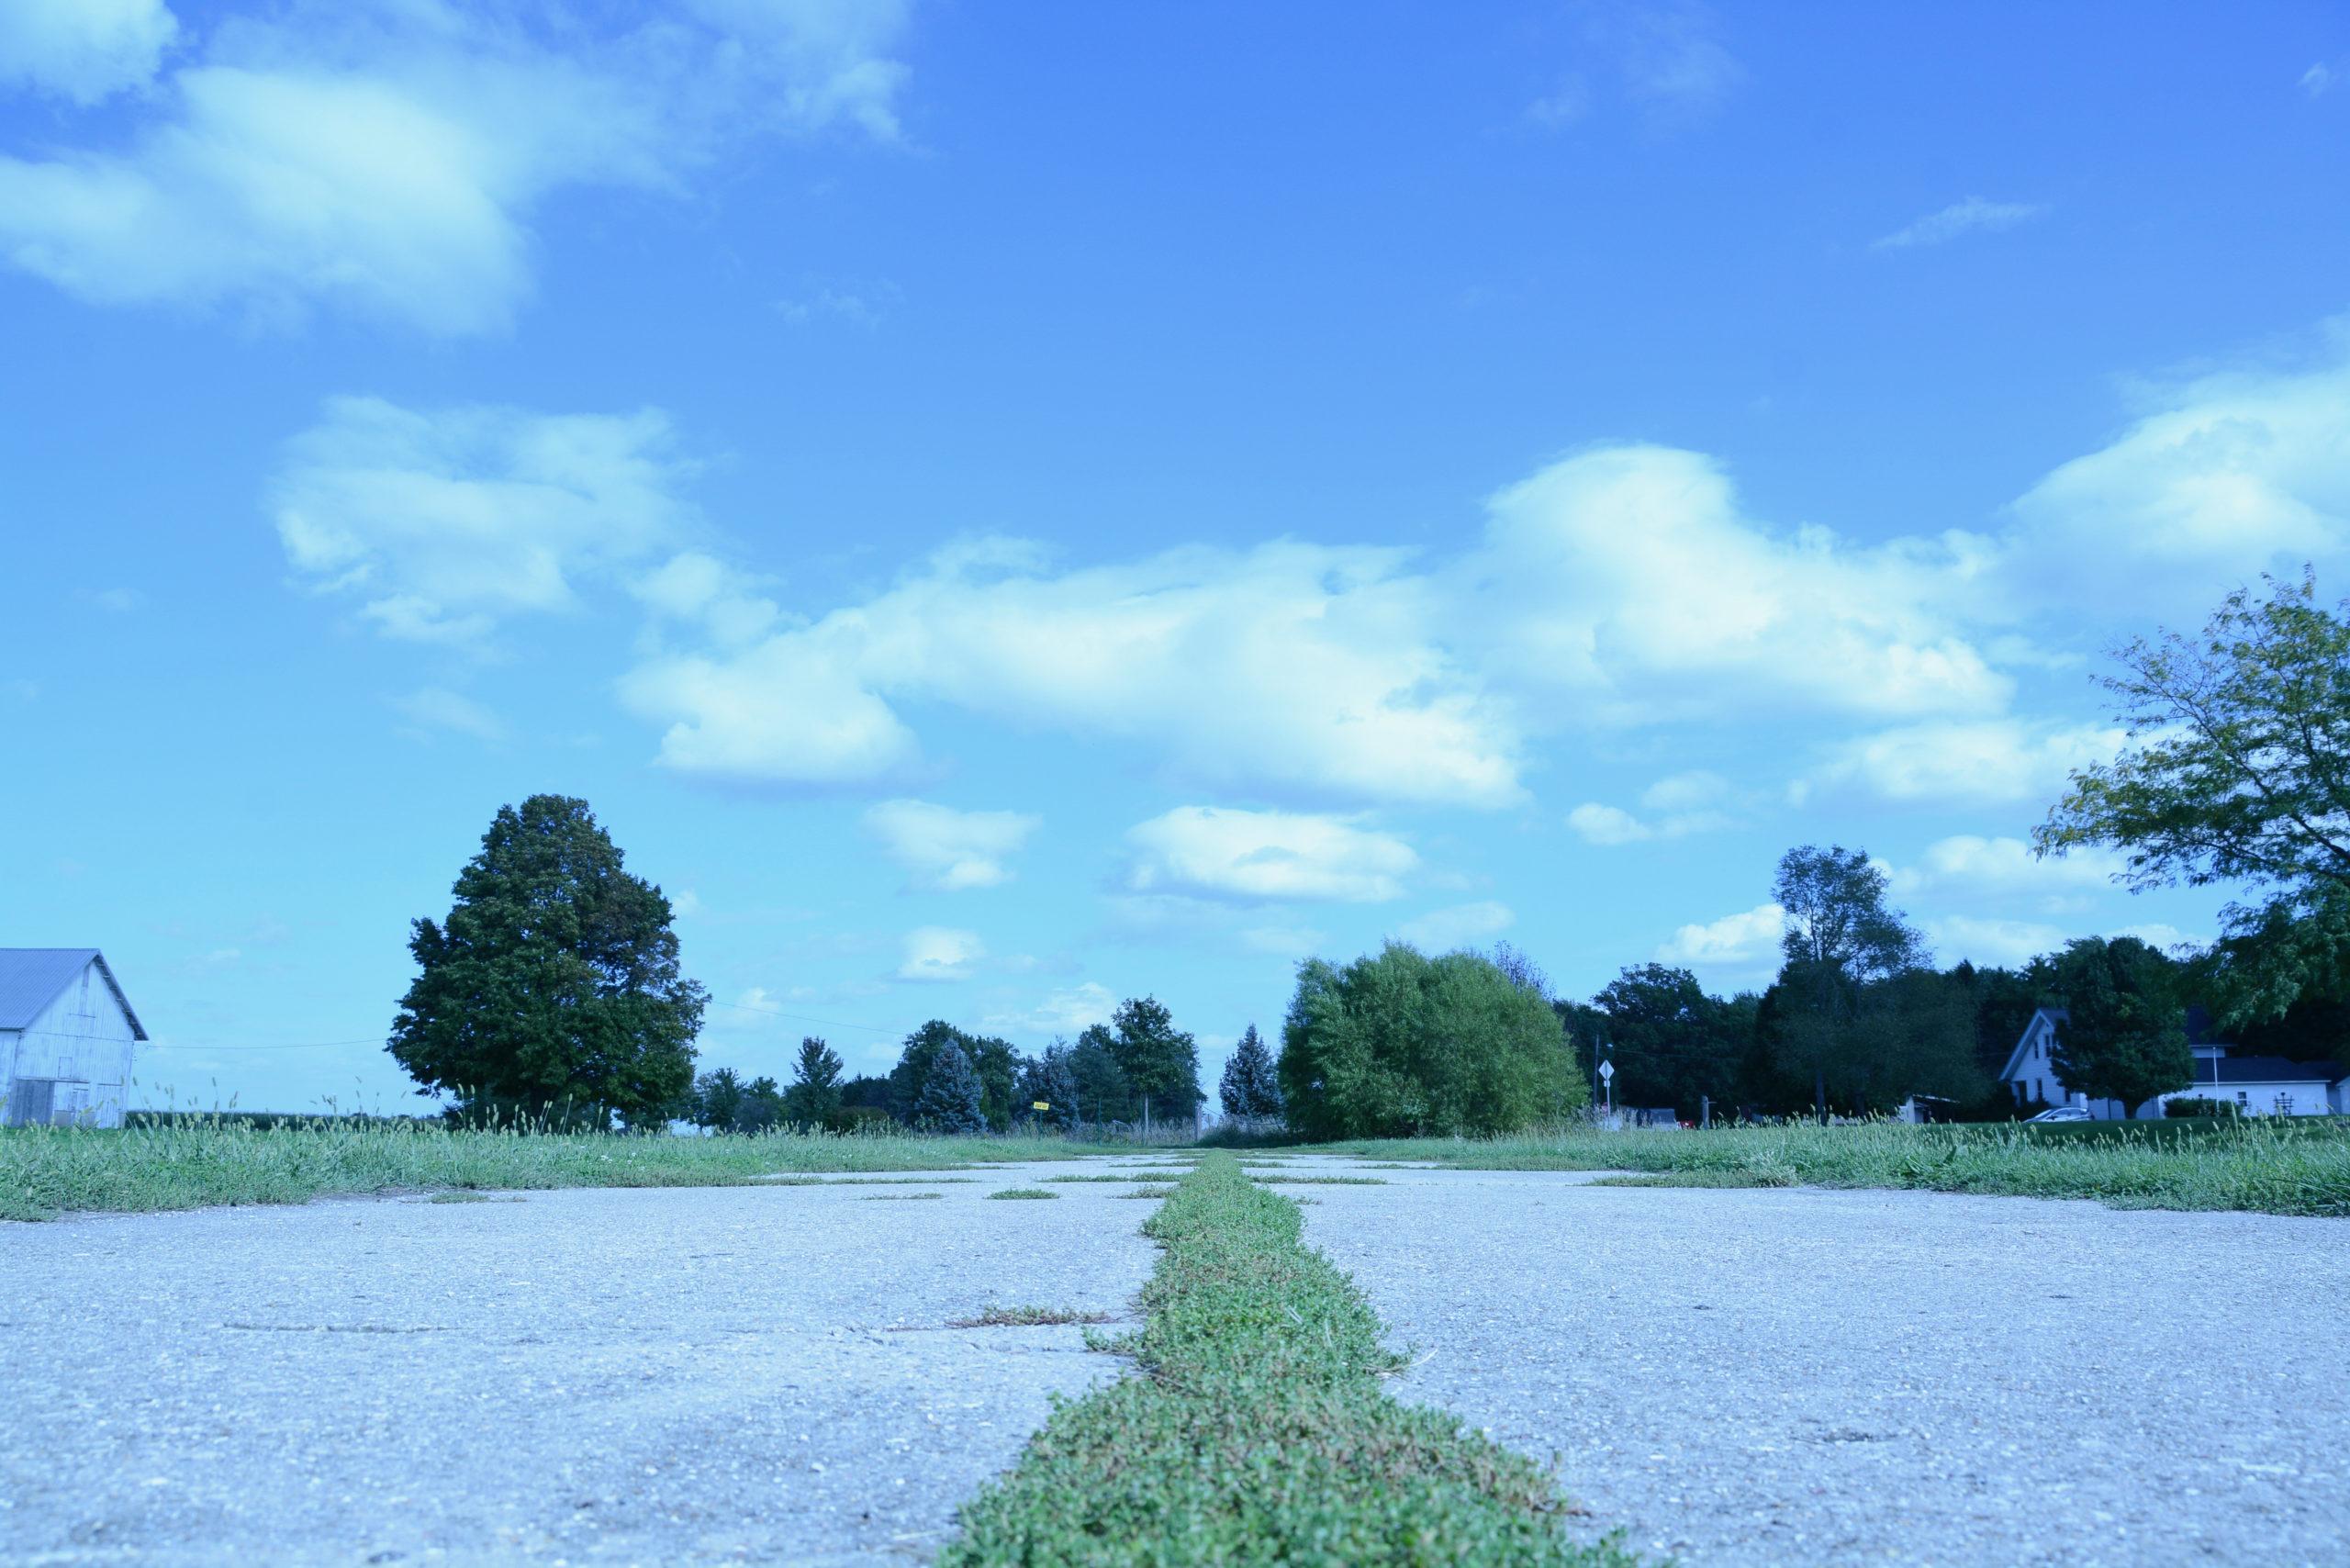 Ein Stück Originalstraße der Route 66 in Illinois